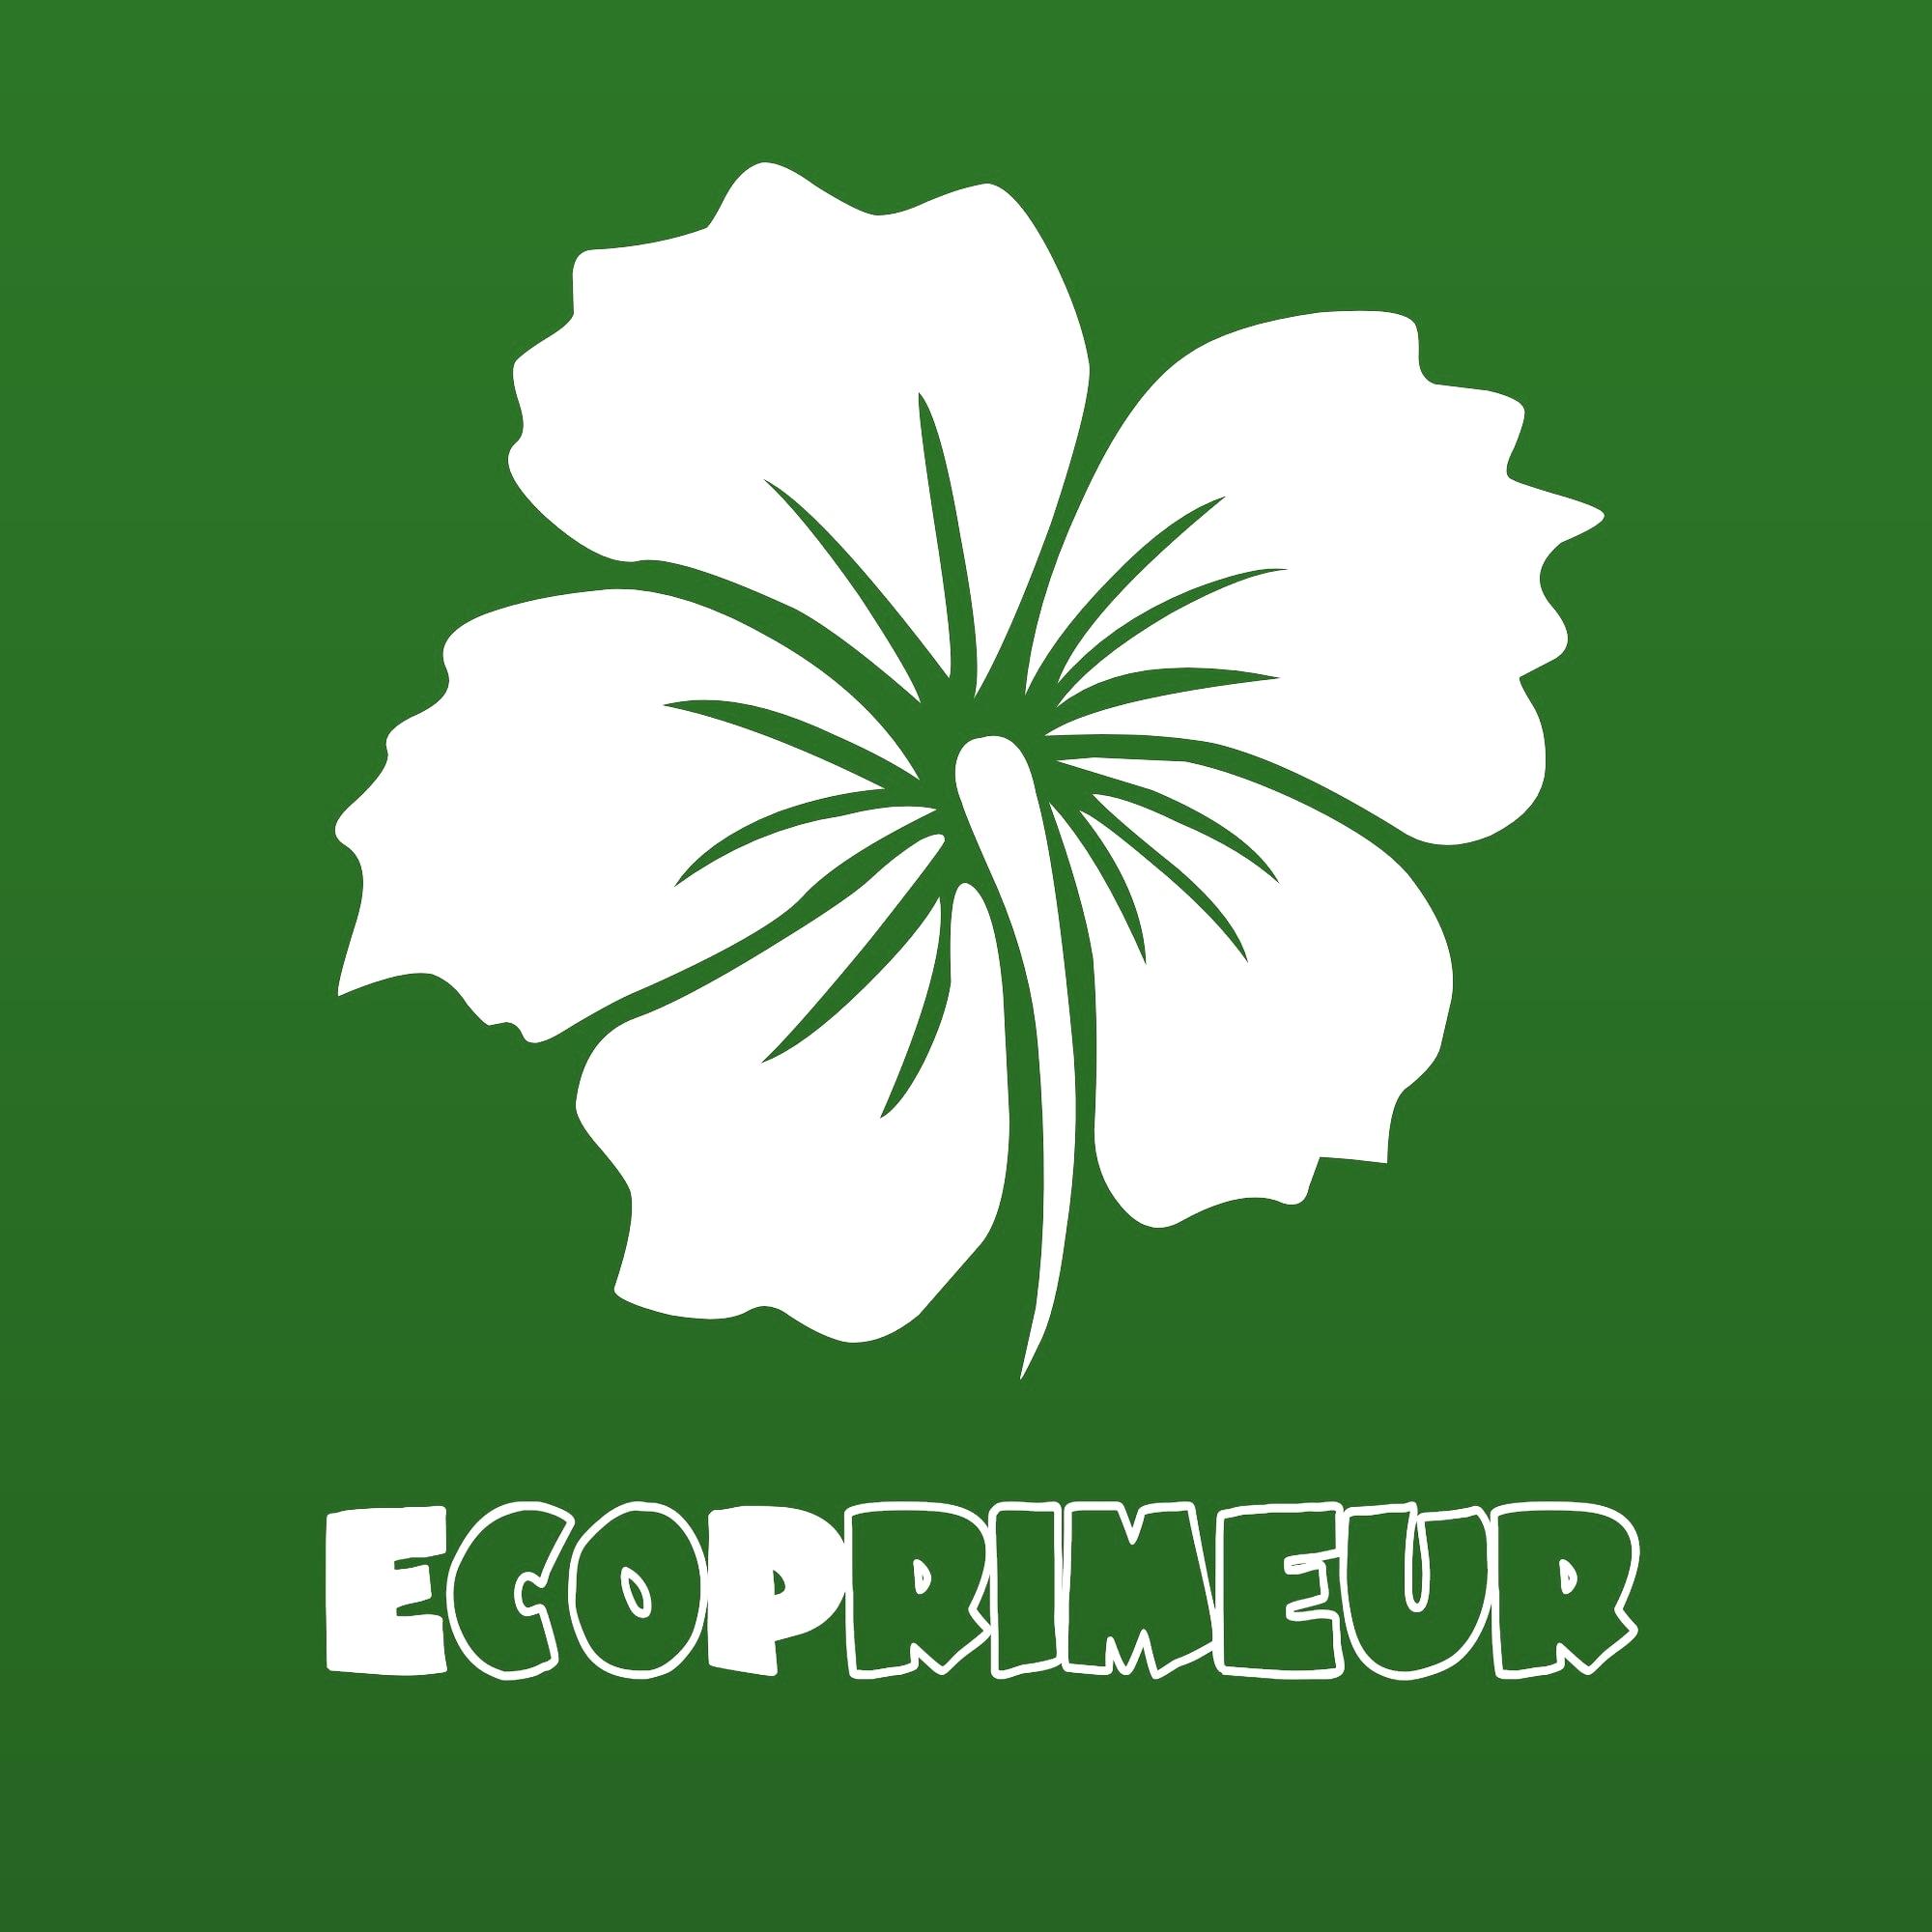 EcoPrimeur